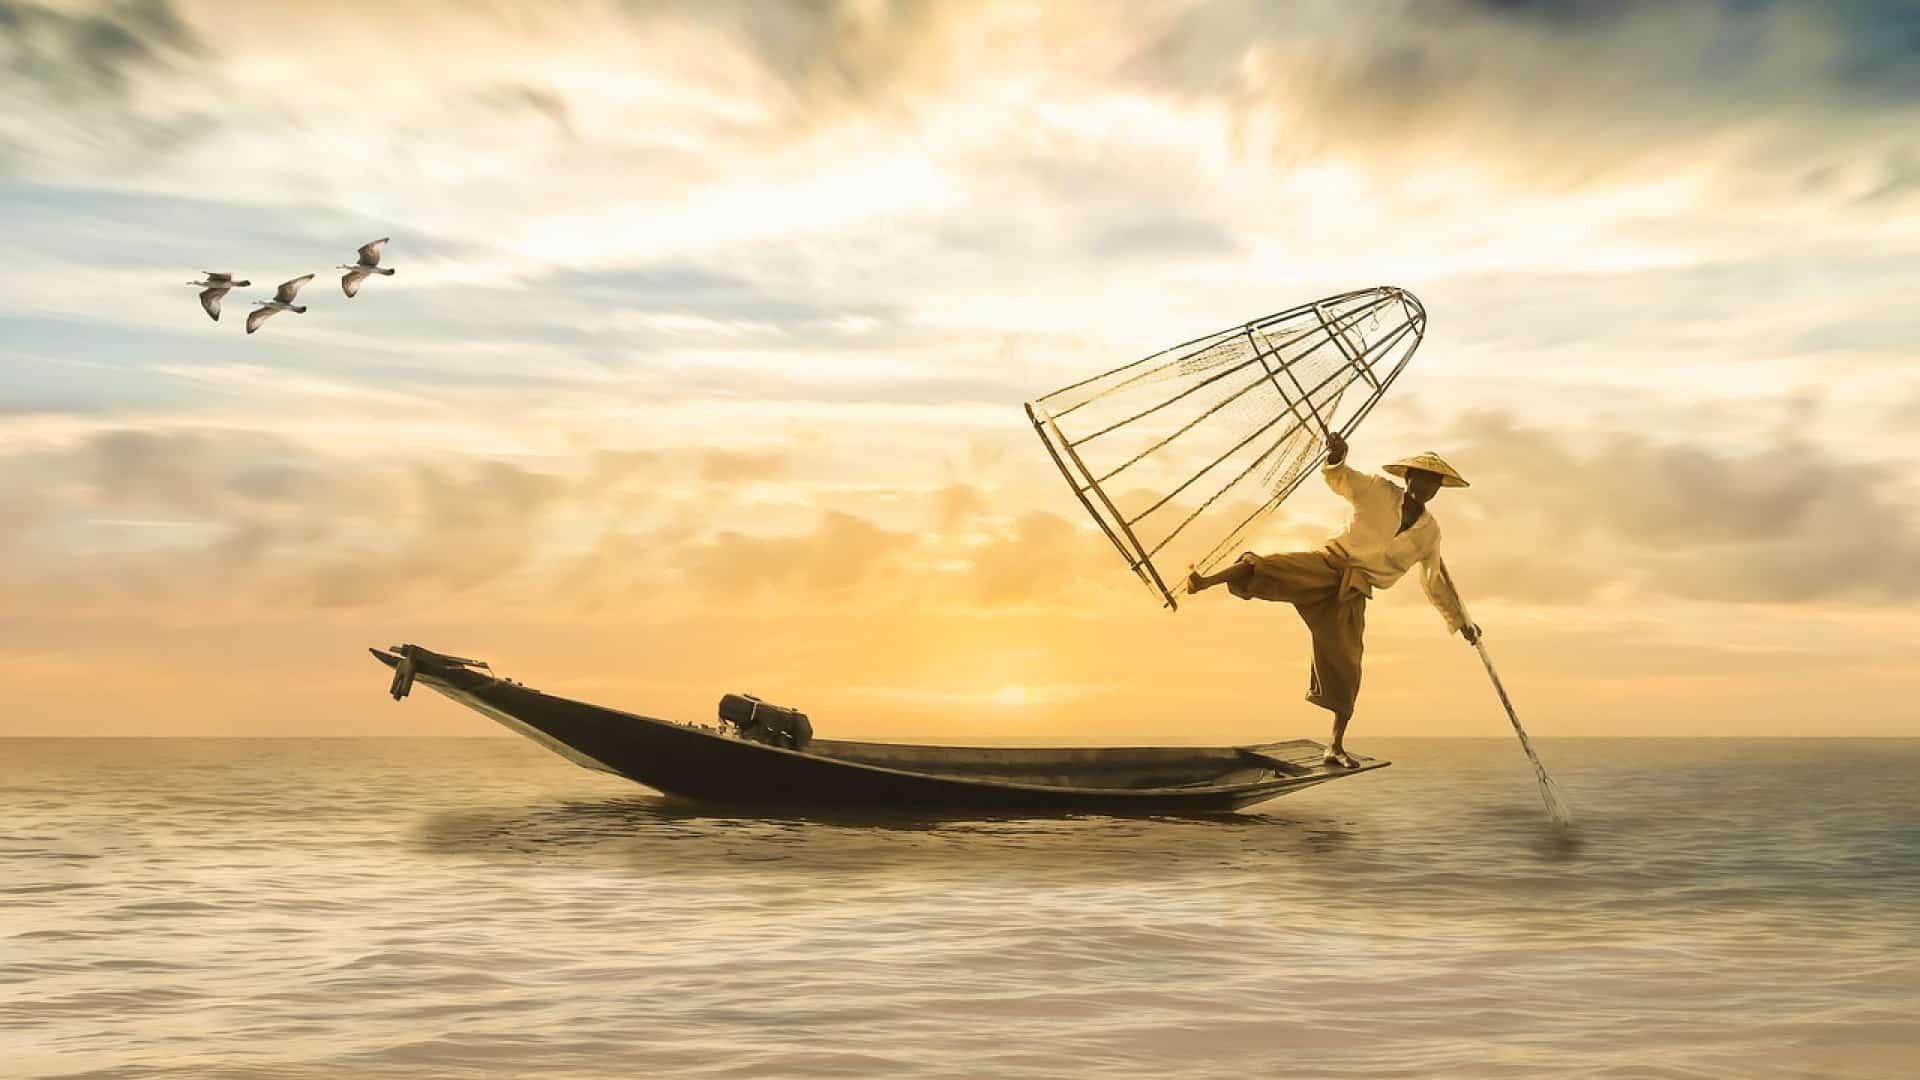 Comment amorcer lorsque l'on débute la pêche?